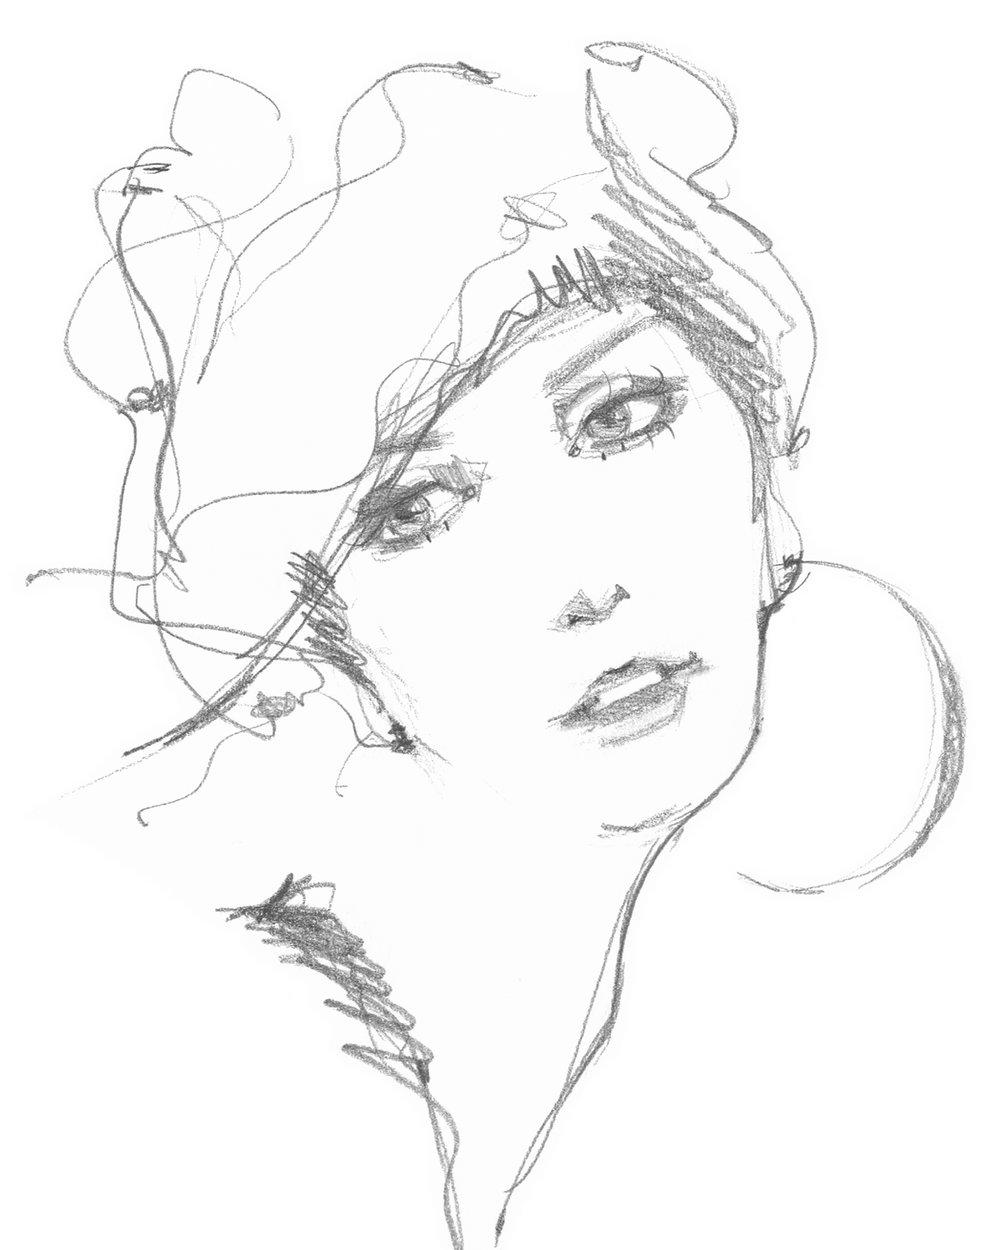 sketchbook-24.jpg